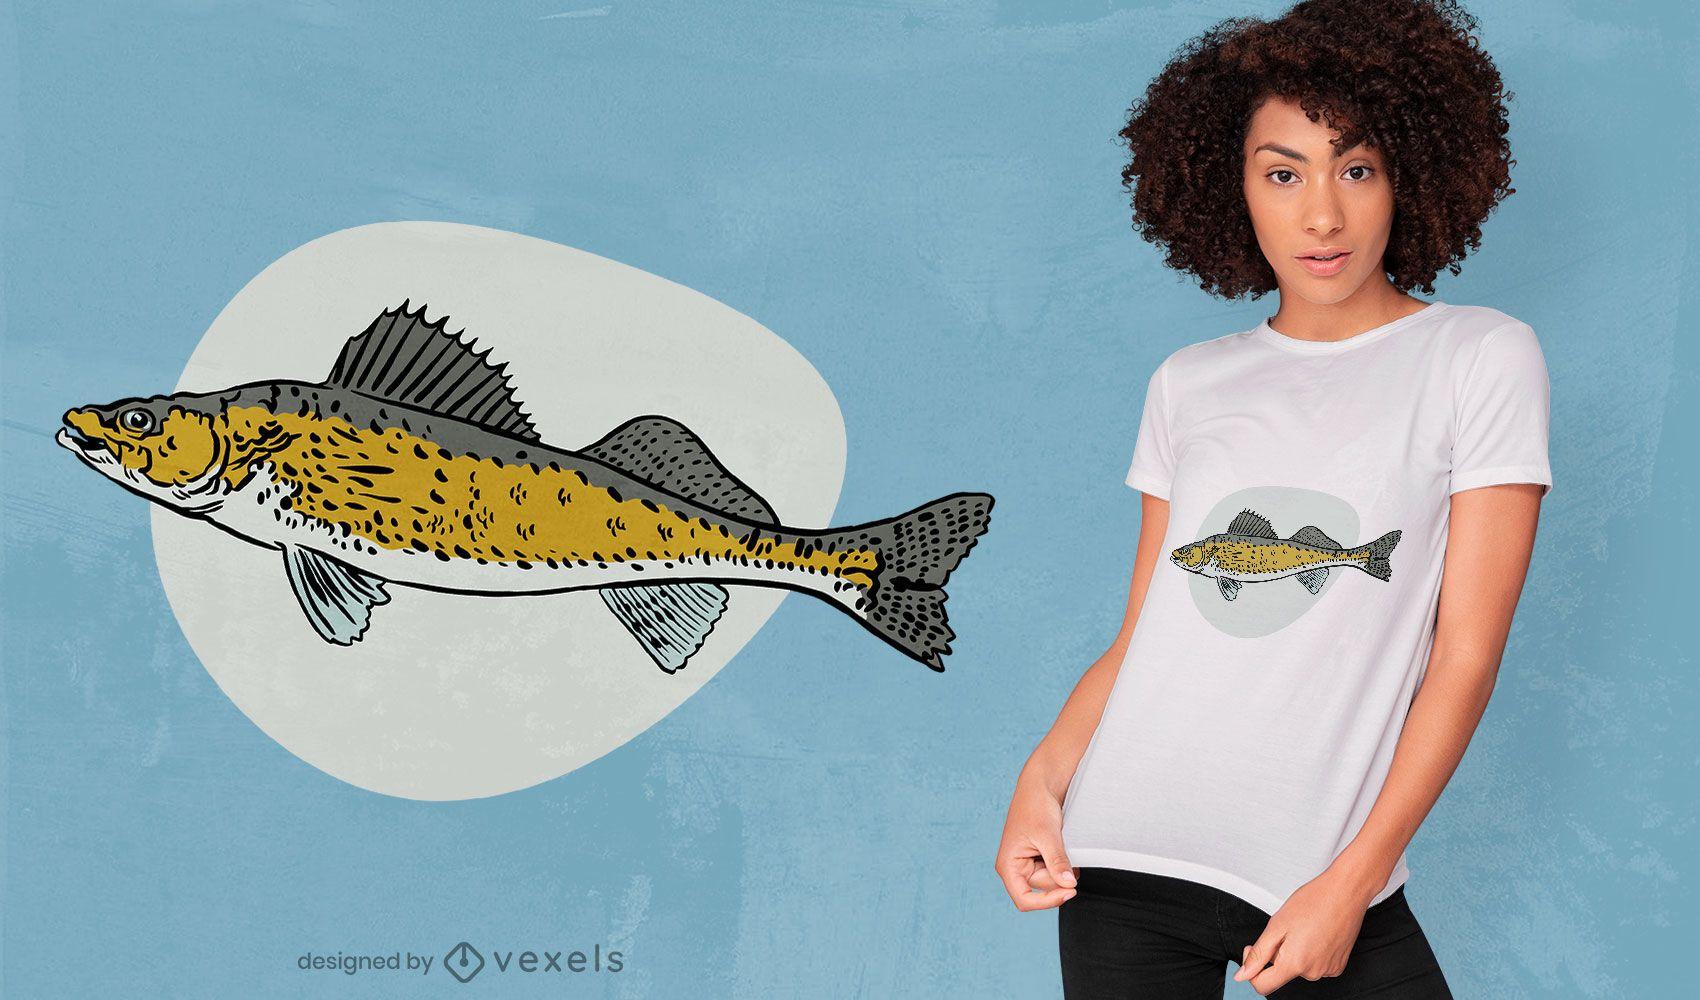 Diseño de camiseta de especies de peces leucomas.